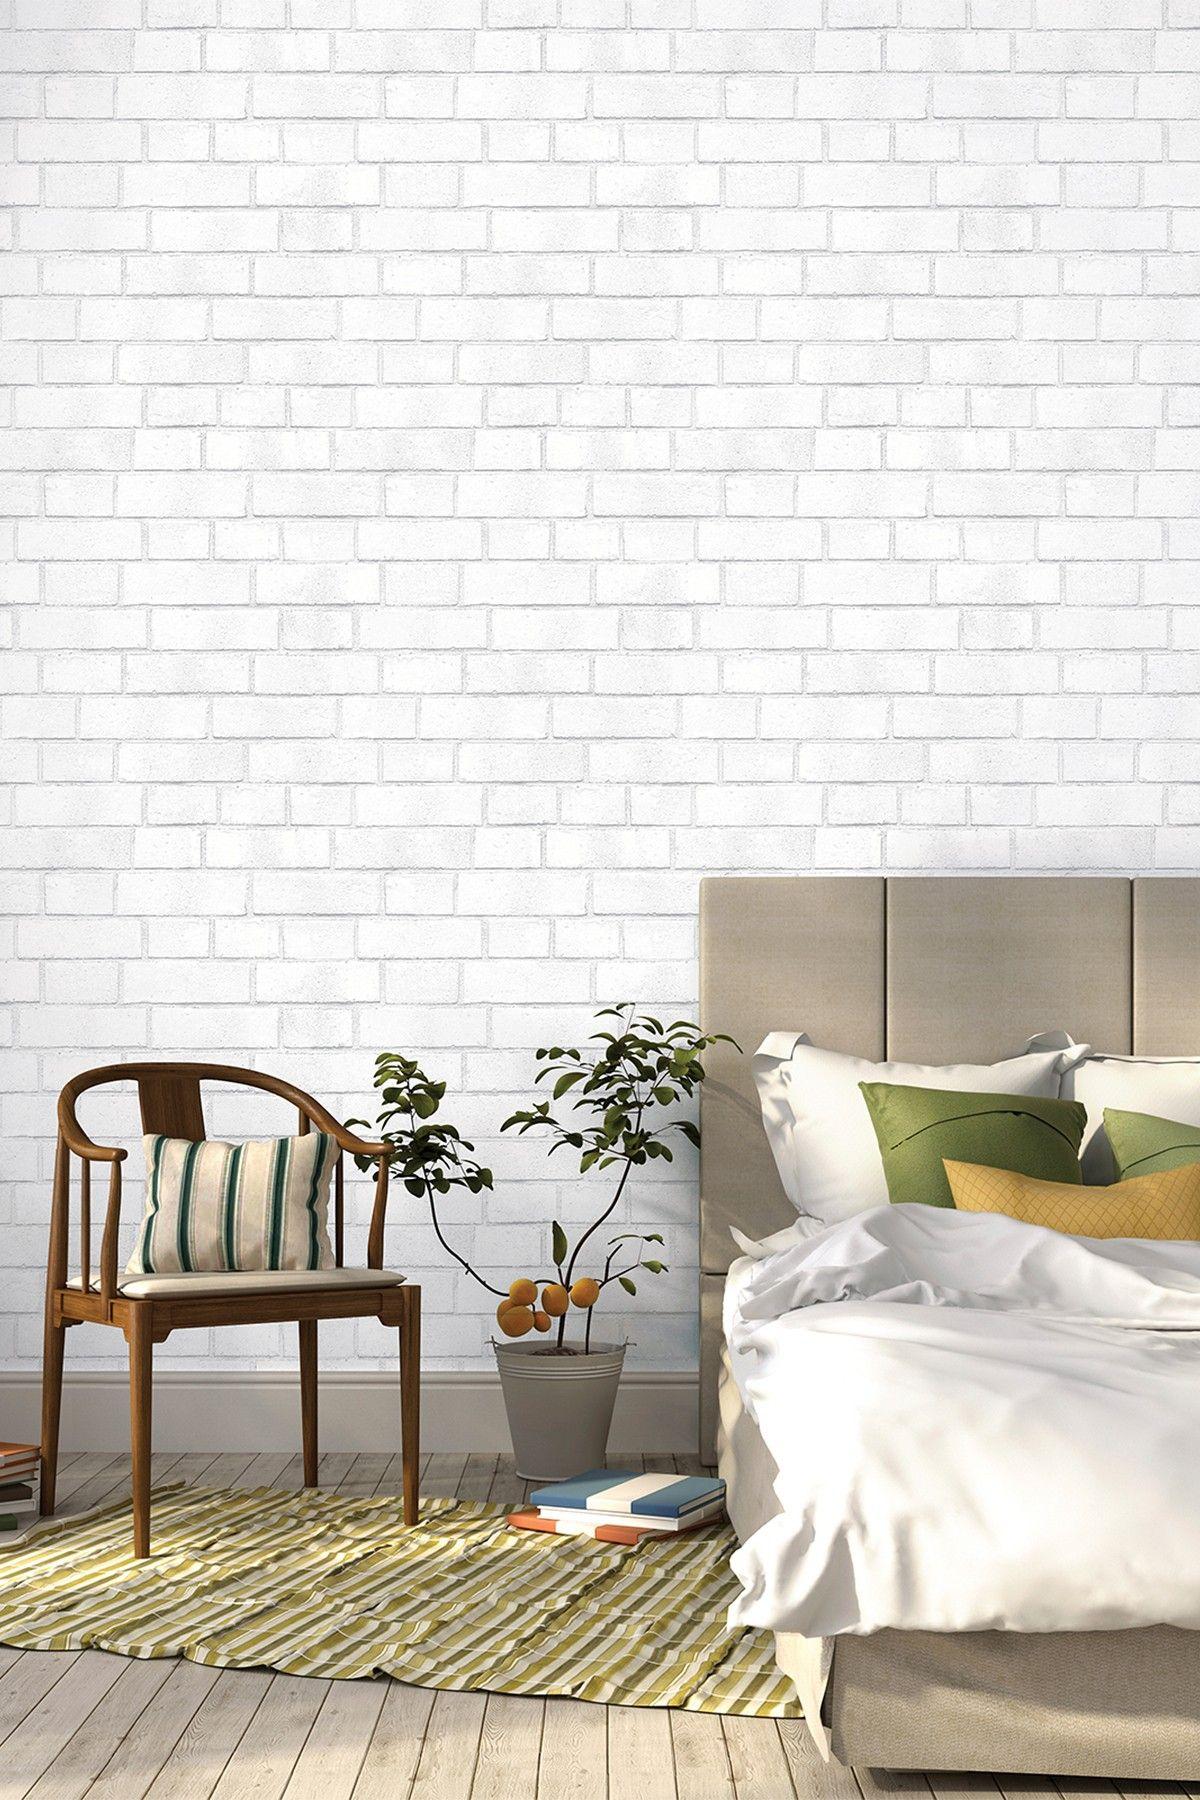 Tempaper Textured White Brick HauteLook White brick